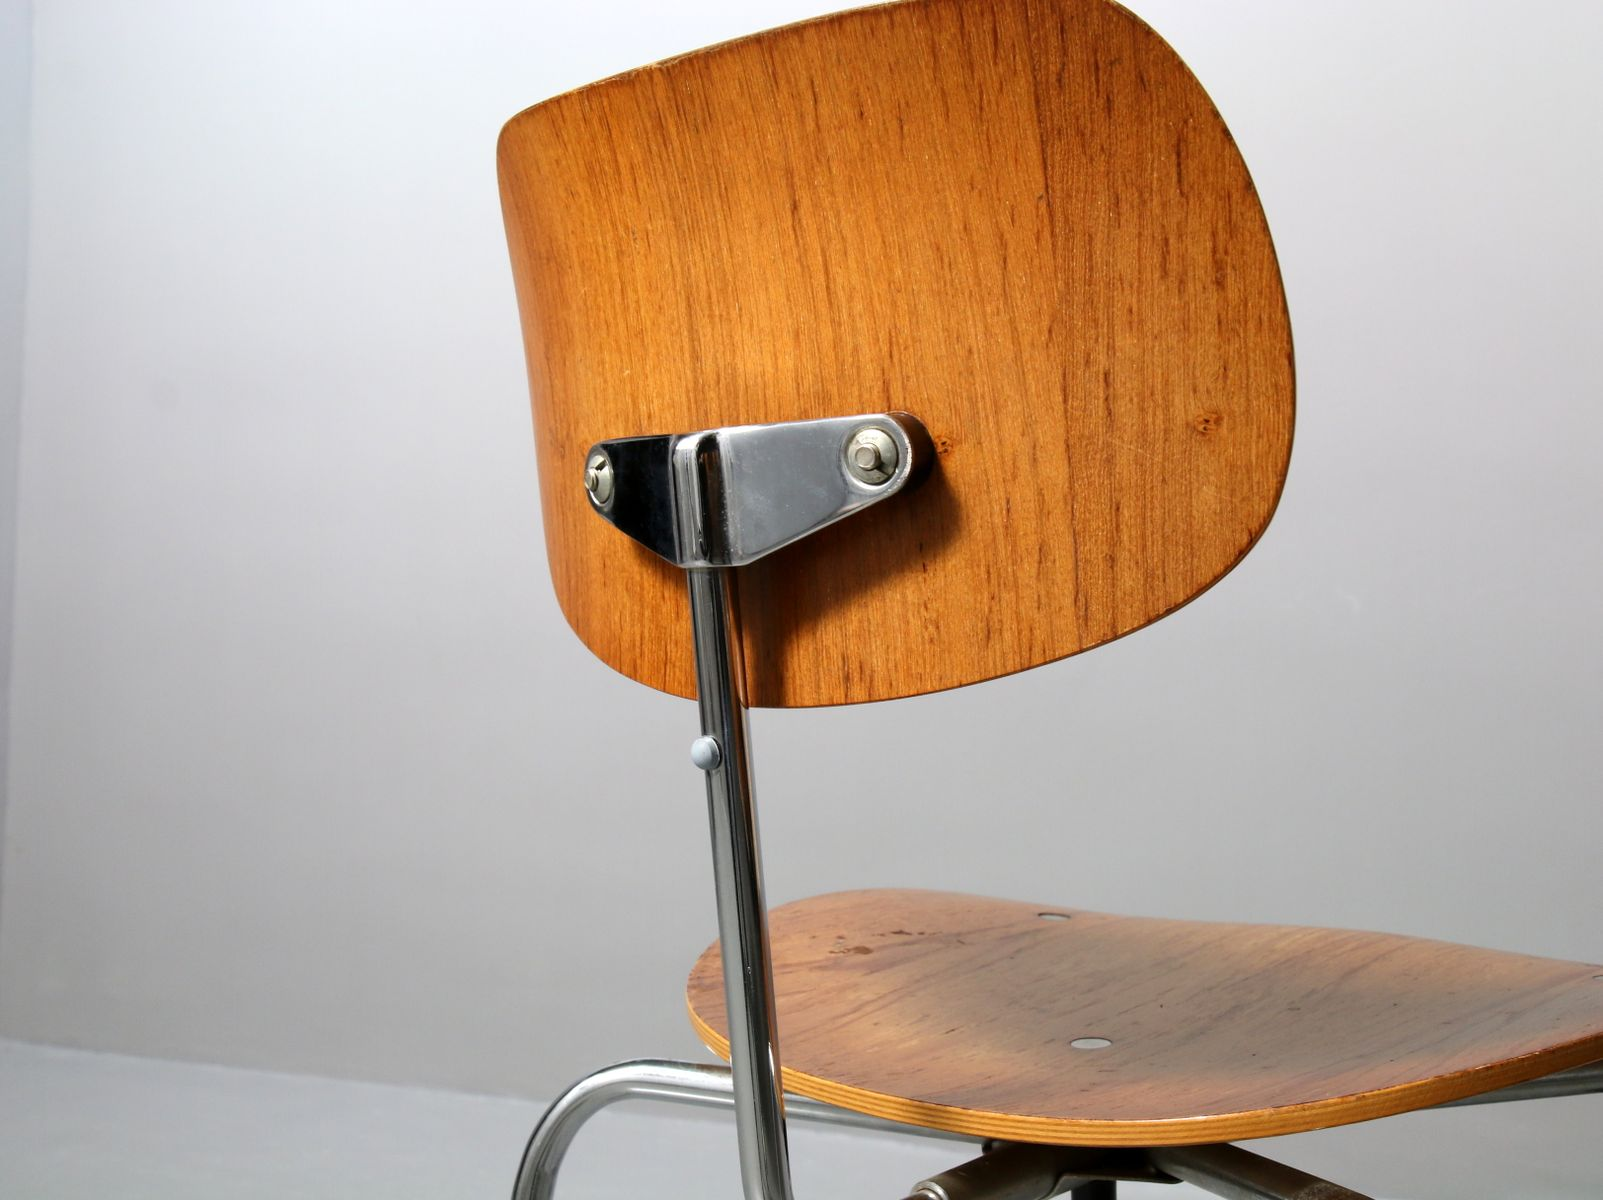 Se68 Chair By Egon Eiermann For Wildespieth 1980 Bei Pamono Kaufen